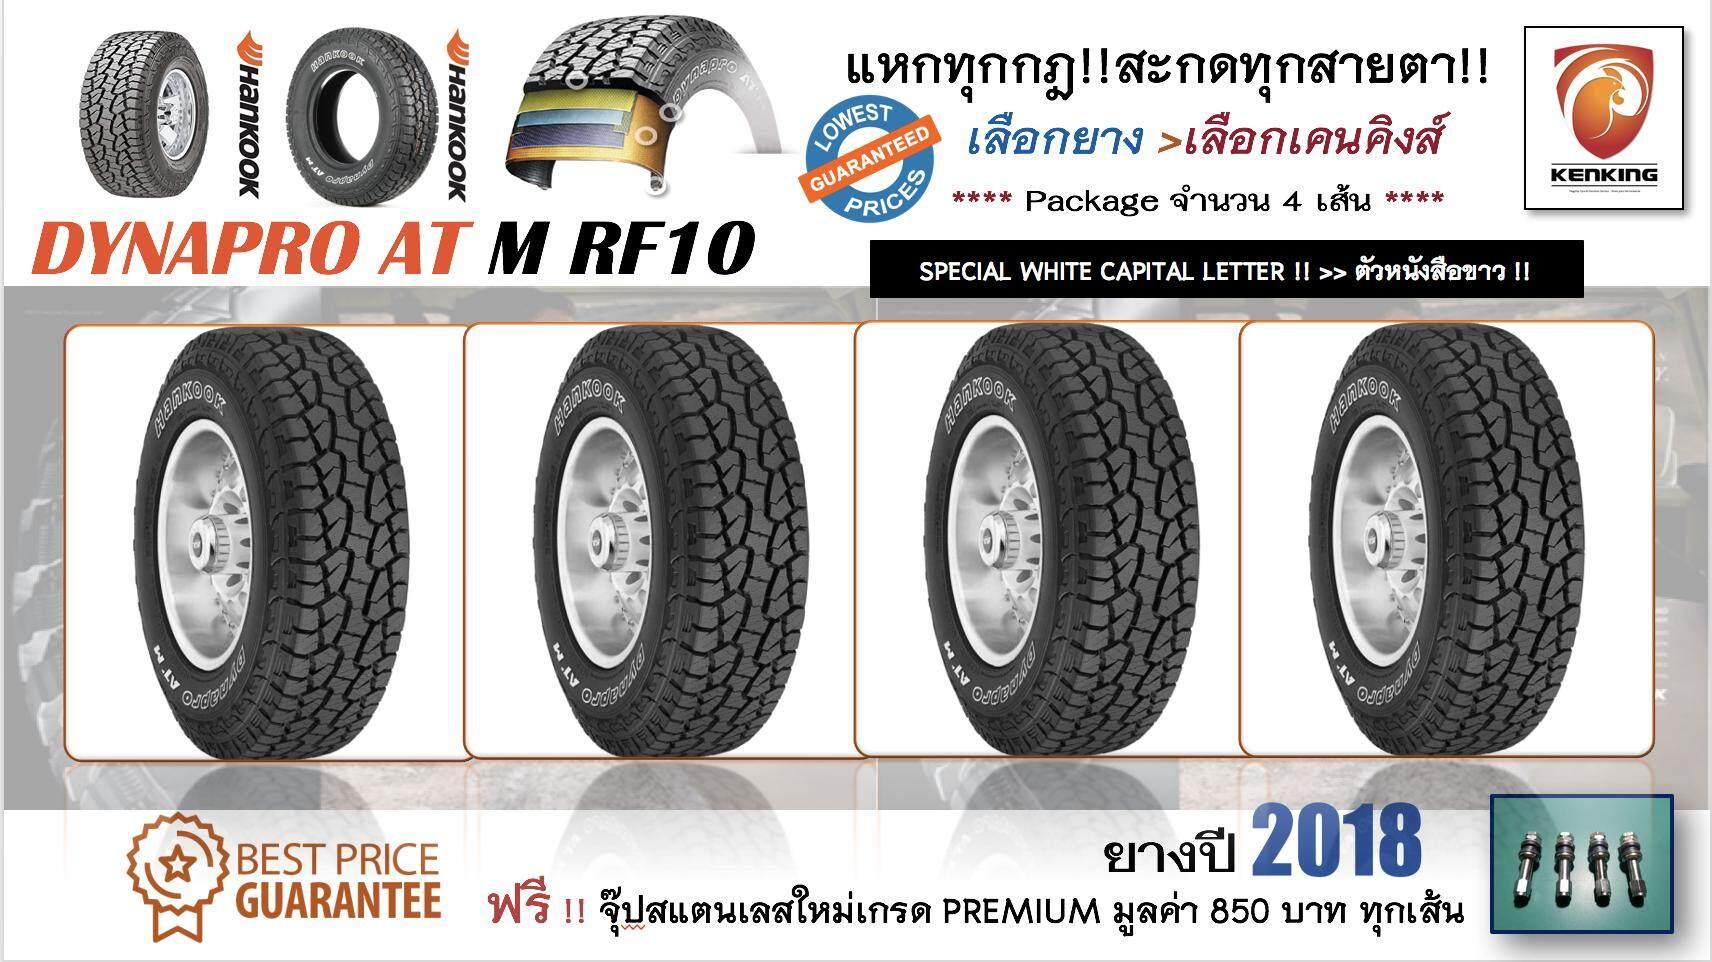 ประกันภัย รถยนต์ ชั้น 3 ราคา ถูก ชุมพร ยางรถยนต์ Hankook LT 285/75 R16 DYNAPRO AT M RF10 (จำนวน 4 เส้น) ยางใหม่ ปี 2019 ล่าสุด (ฟรี!! จุ๊ปแสตนเลส Premium 850 บาท)